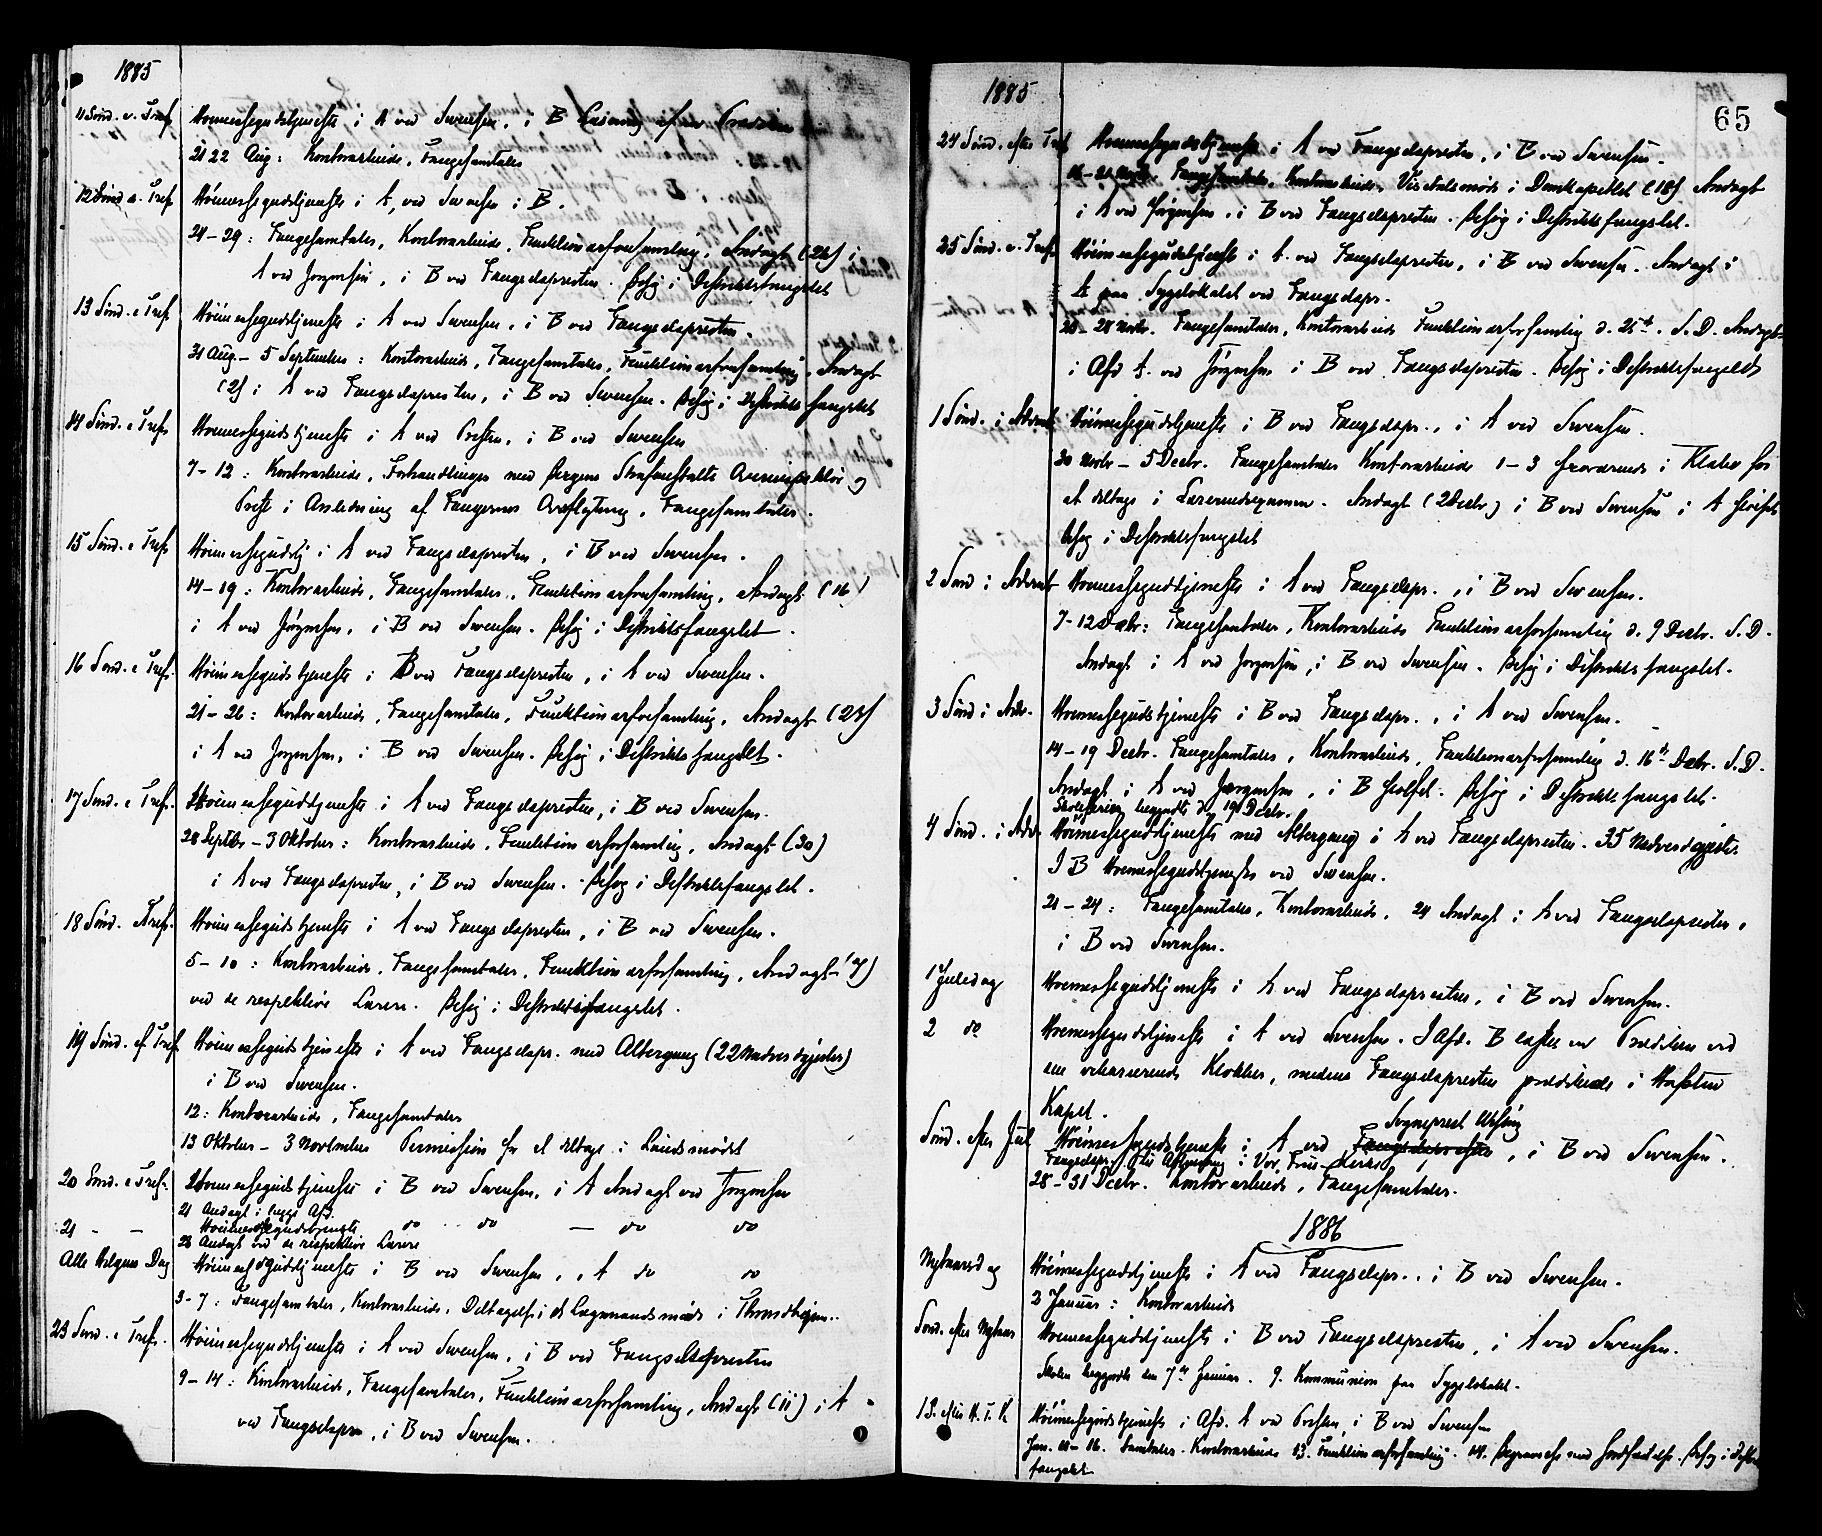 SAT, Ministerialprotokoller, klokkerbøker og fødselsregistre - Sør-Trøndelag, 624/L0482: Ministerialbok nr. 624A03, 1870-1918, s. 65